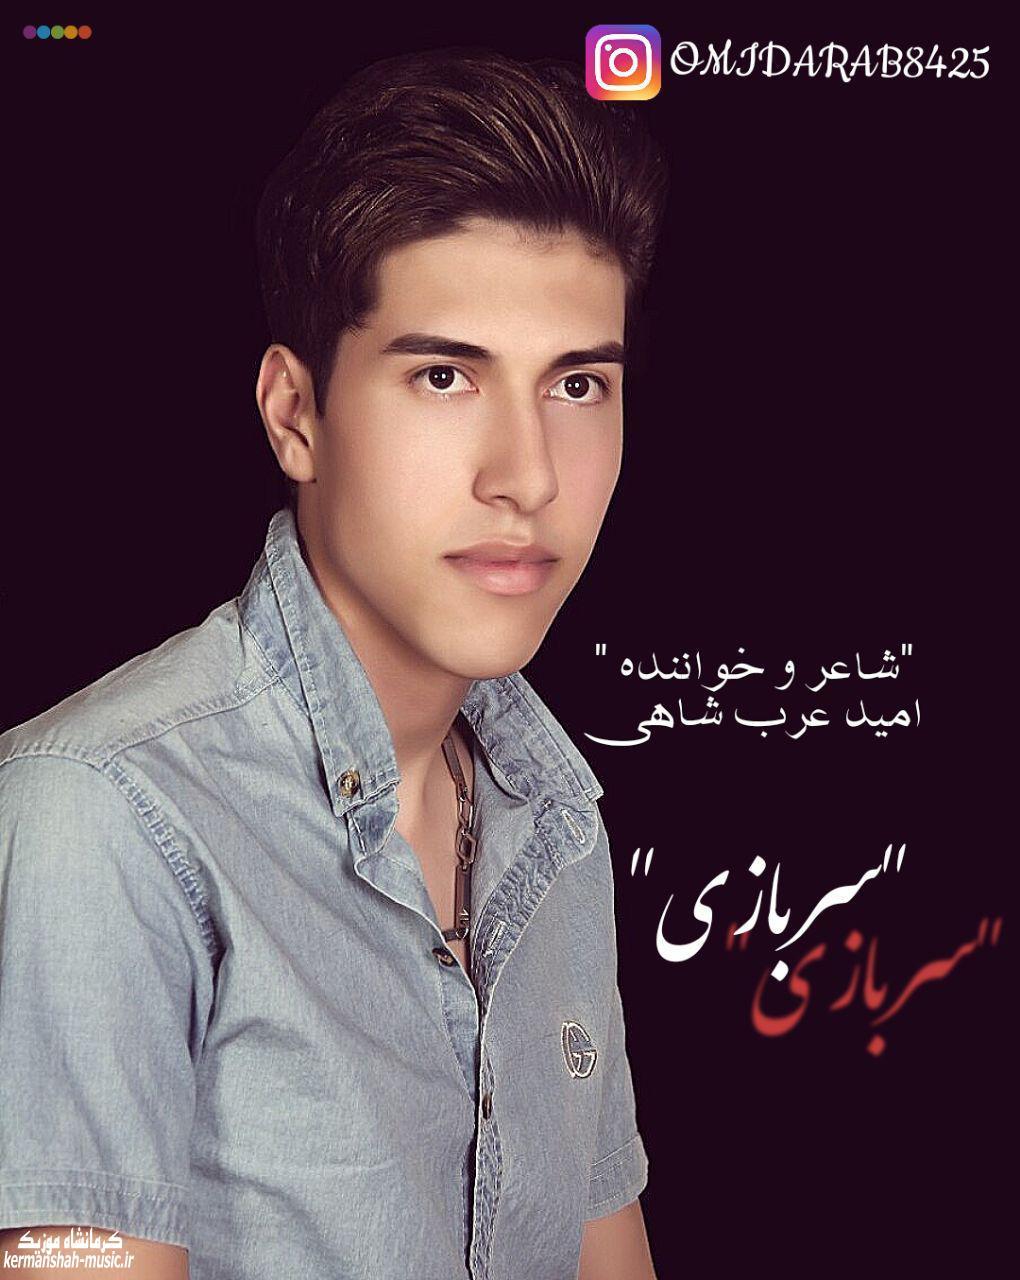 photo 2020 03 31 22 29 14 - دانلود موزیک ویدئو امید عرب شاهی به نام سربازی